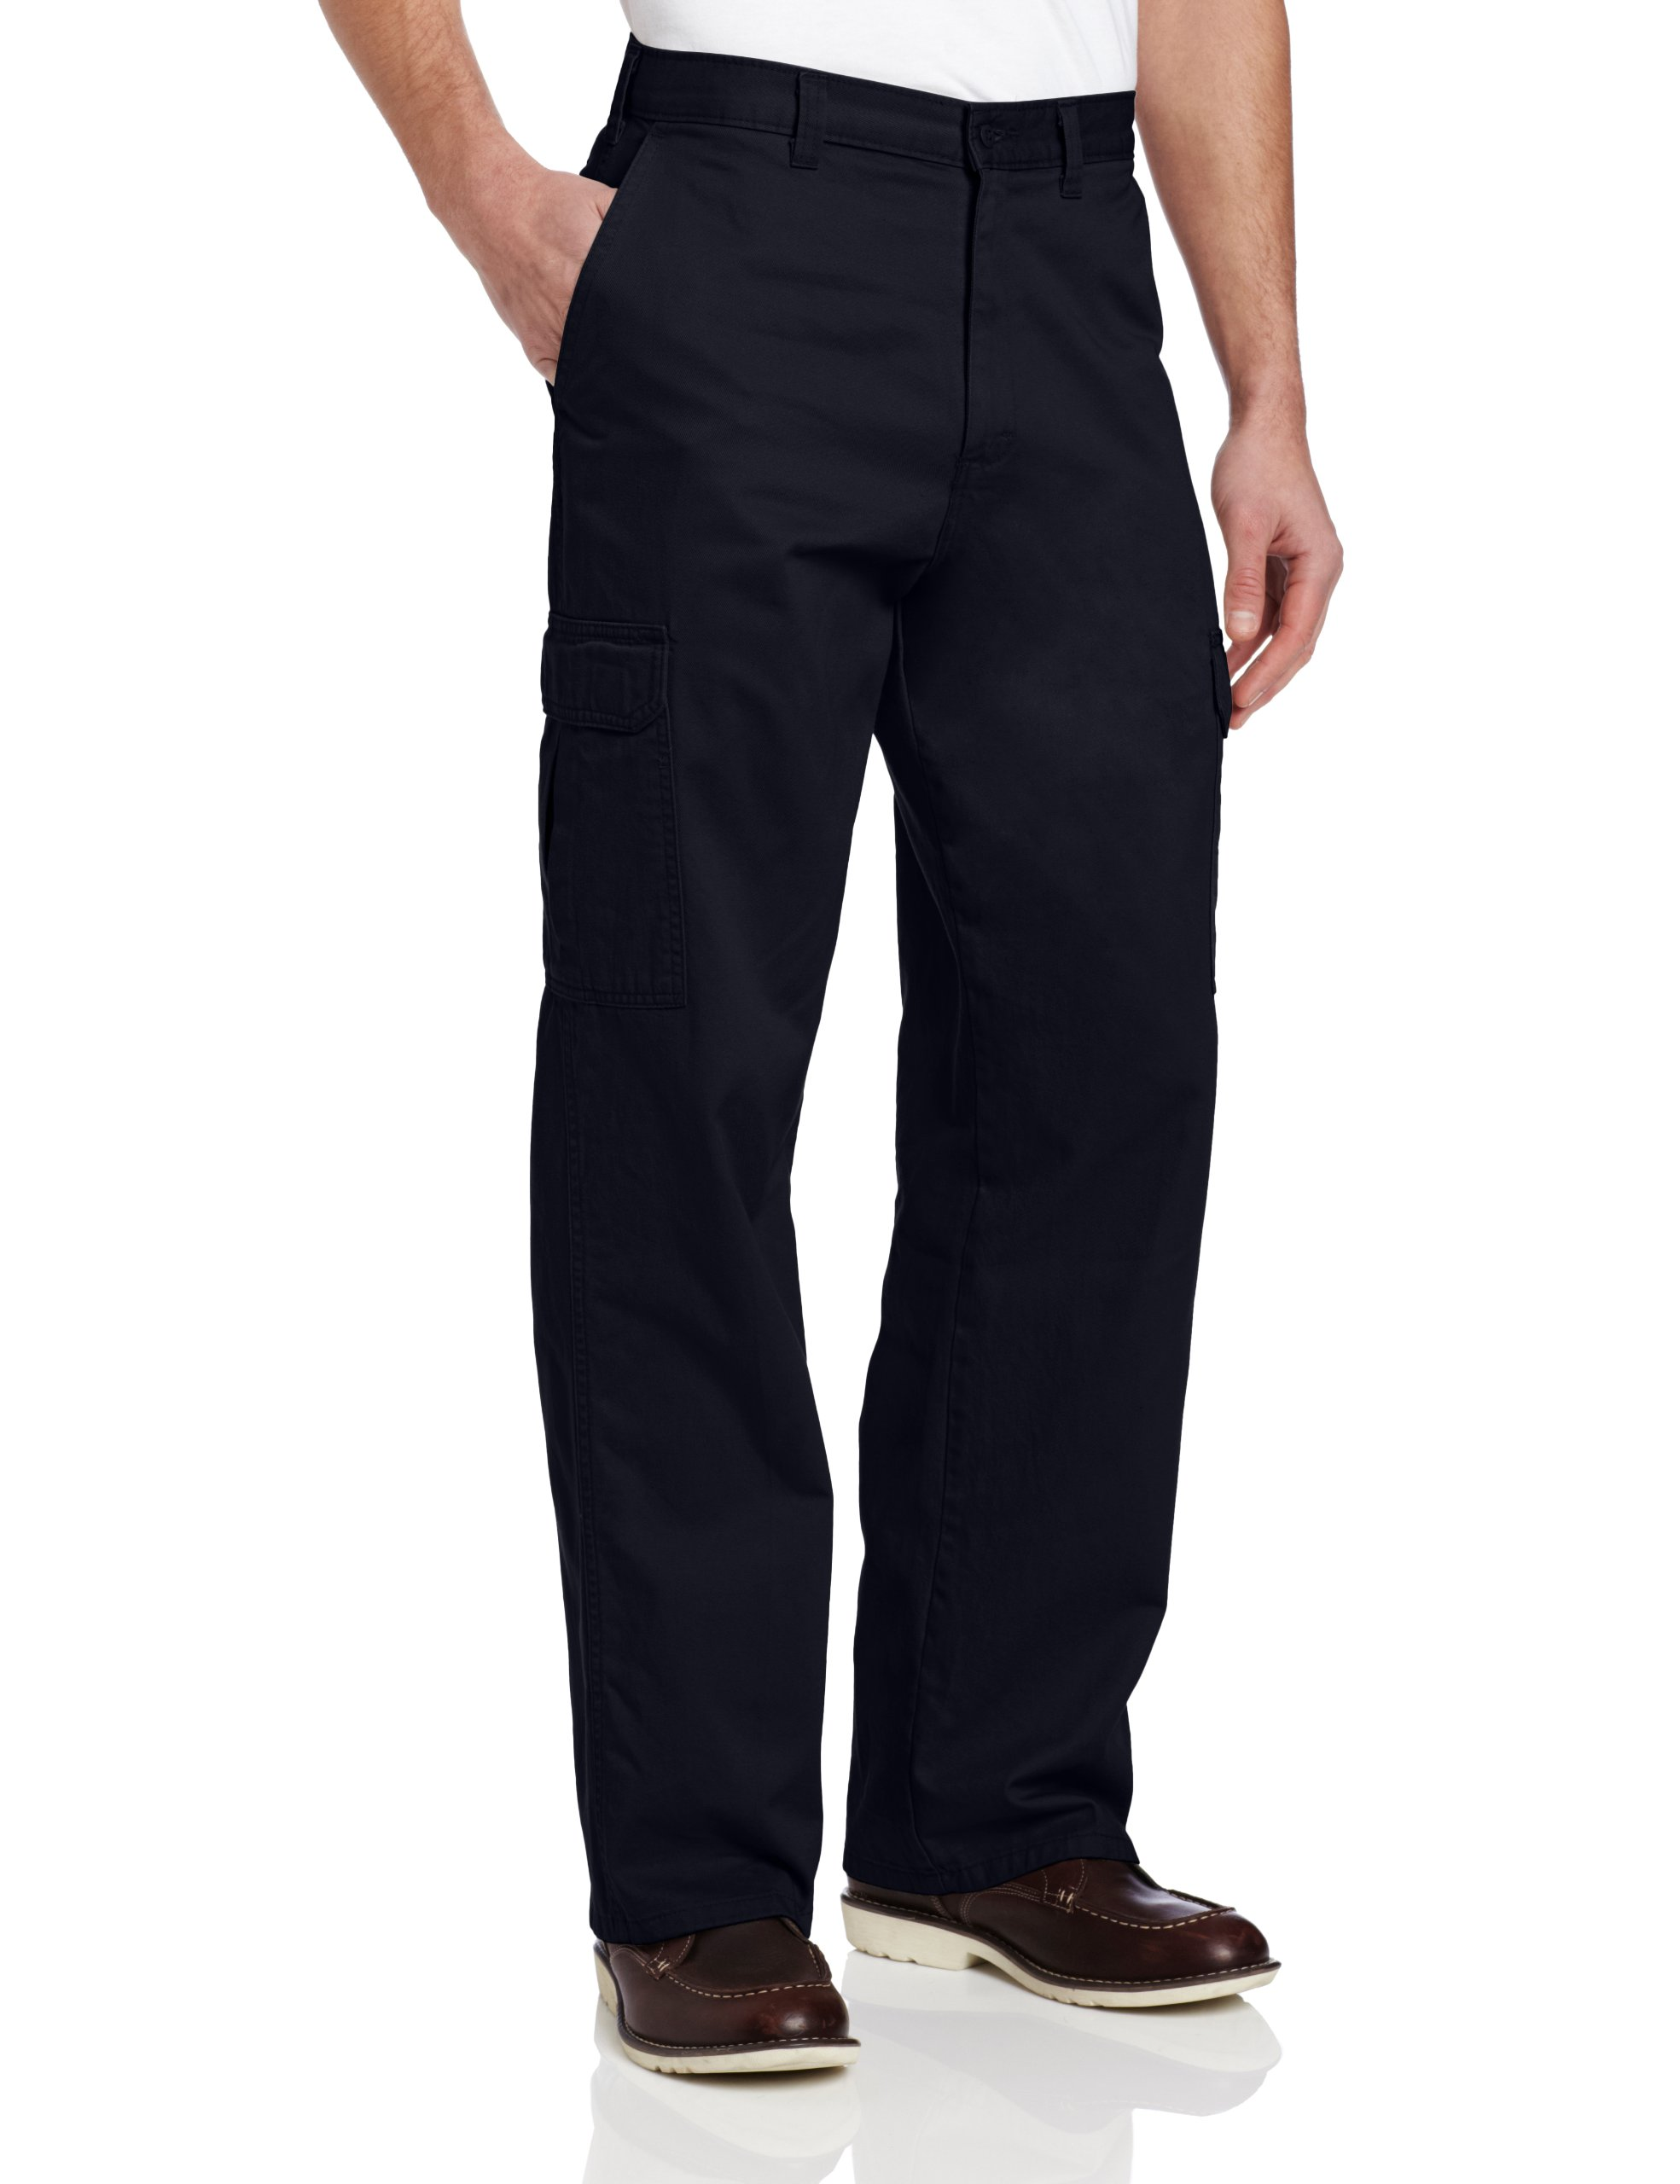 Dickies Men's Loose Fit Cargo Work Pant, Dark Navy, 38x30